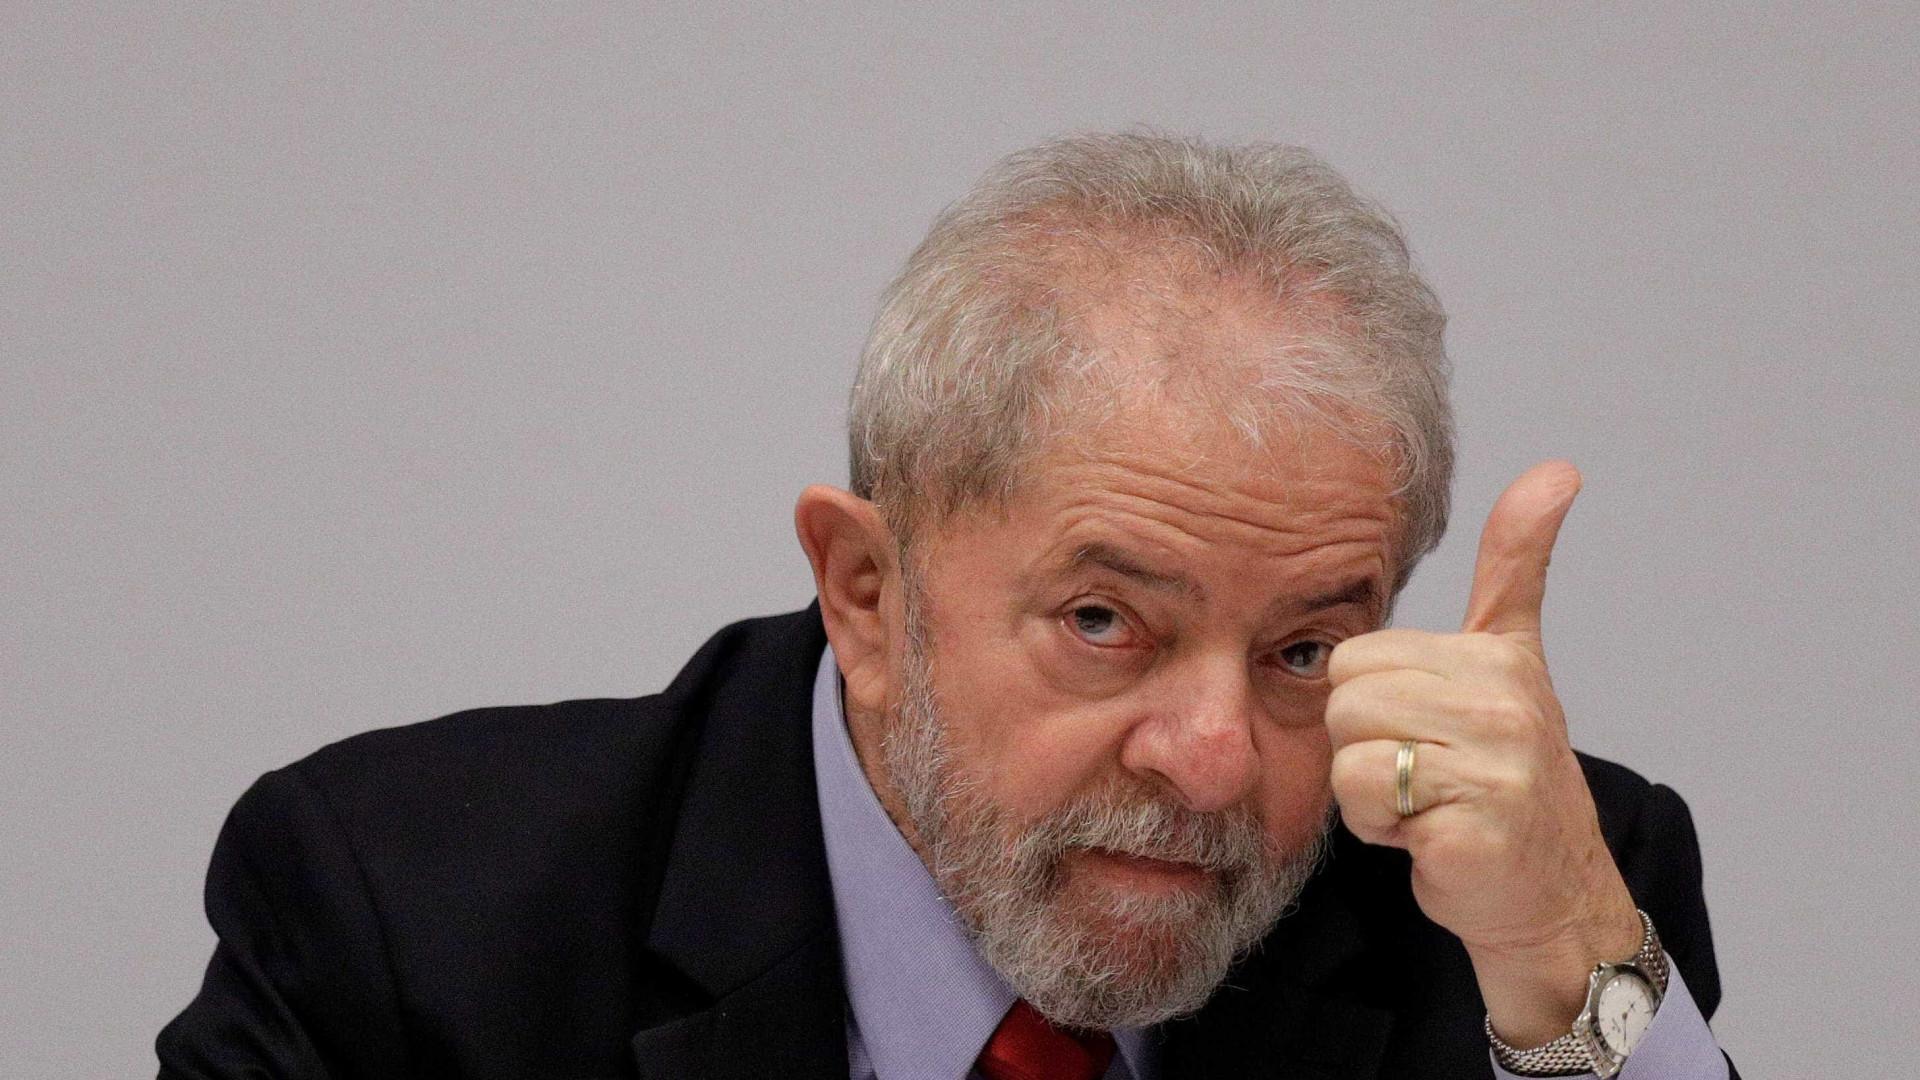 Líderes e celebridades mundiais prestam apoio a Lula